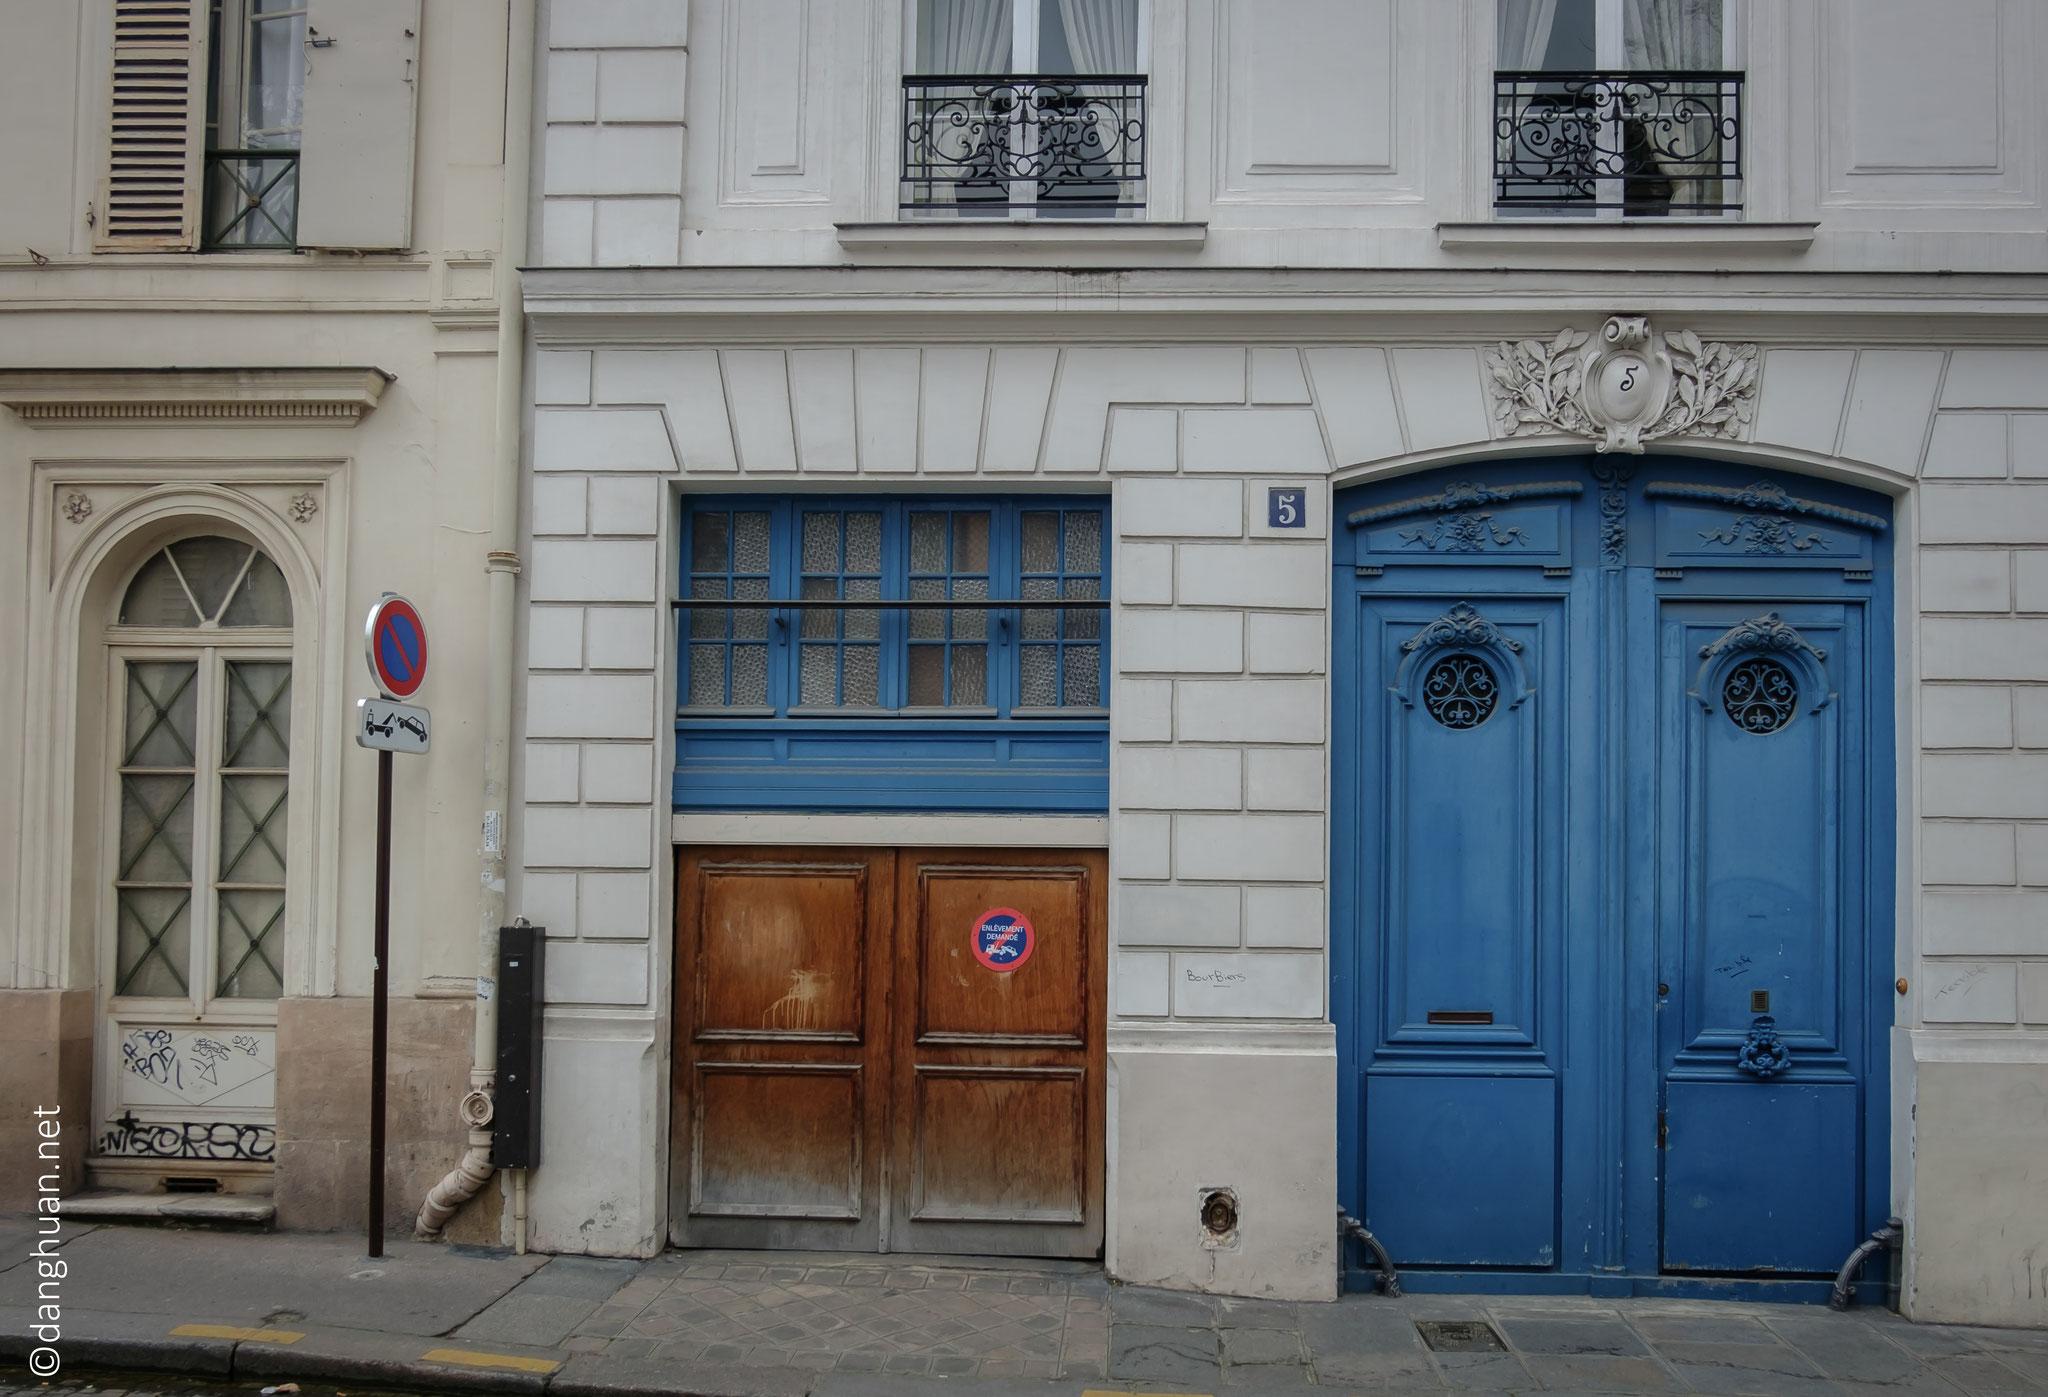 N°5 rue de la tour des dames : Résidence d'Horace Vernet, un peintre qui fut le professeur de Géricault